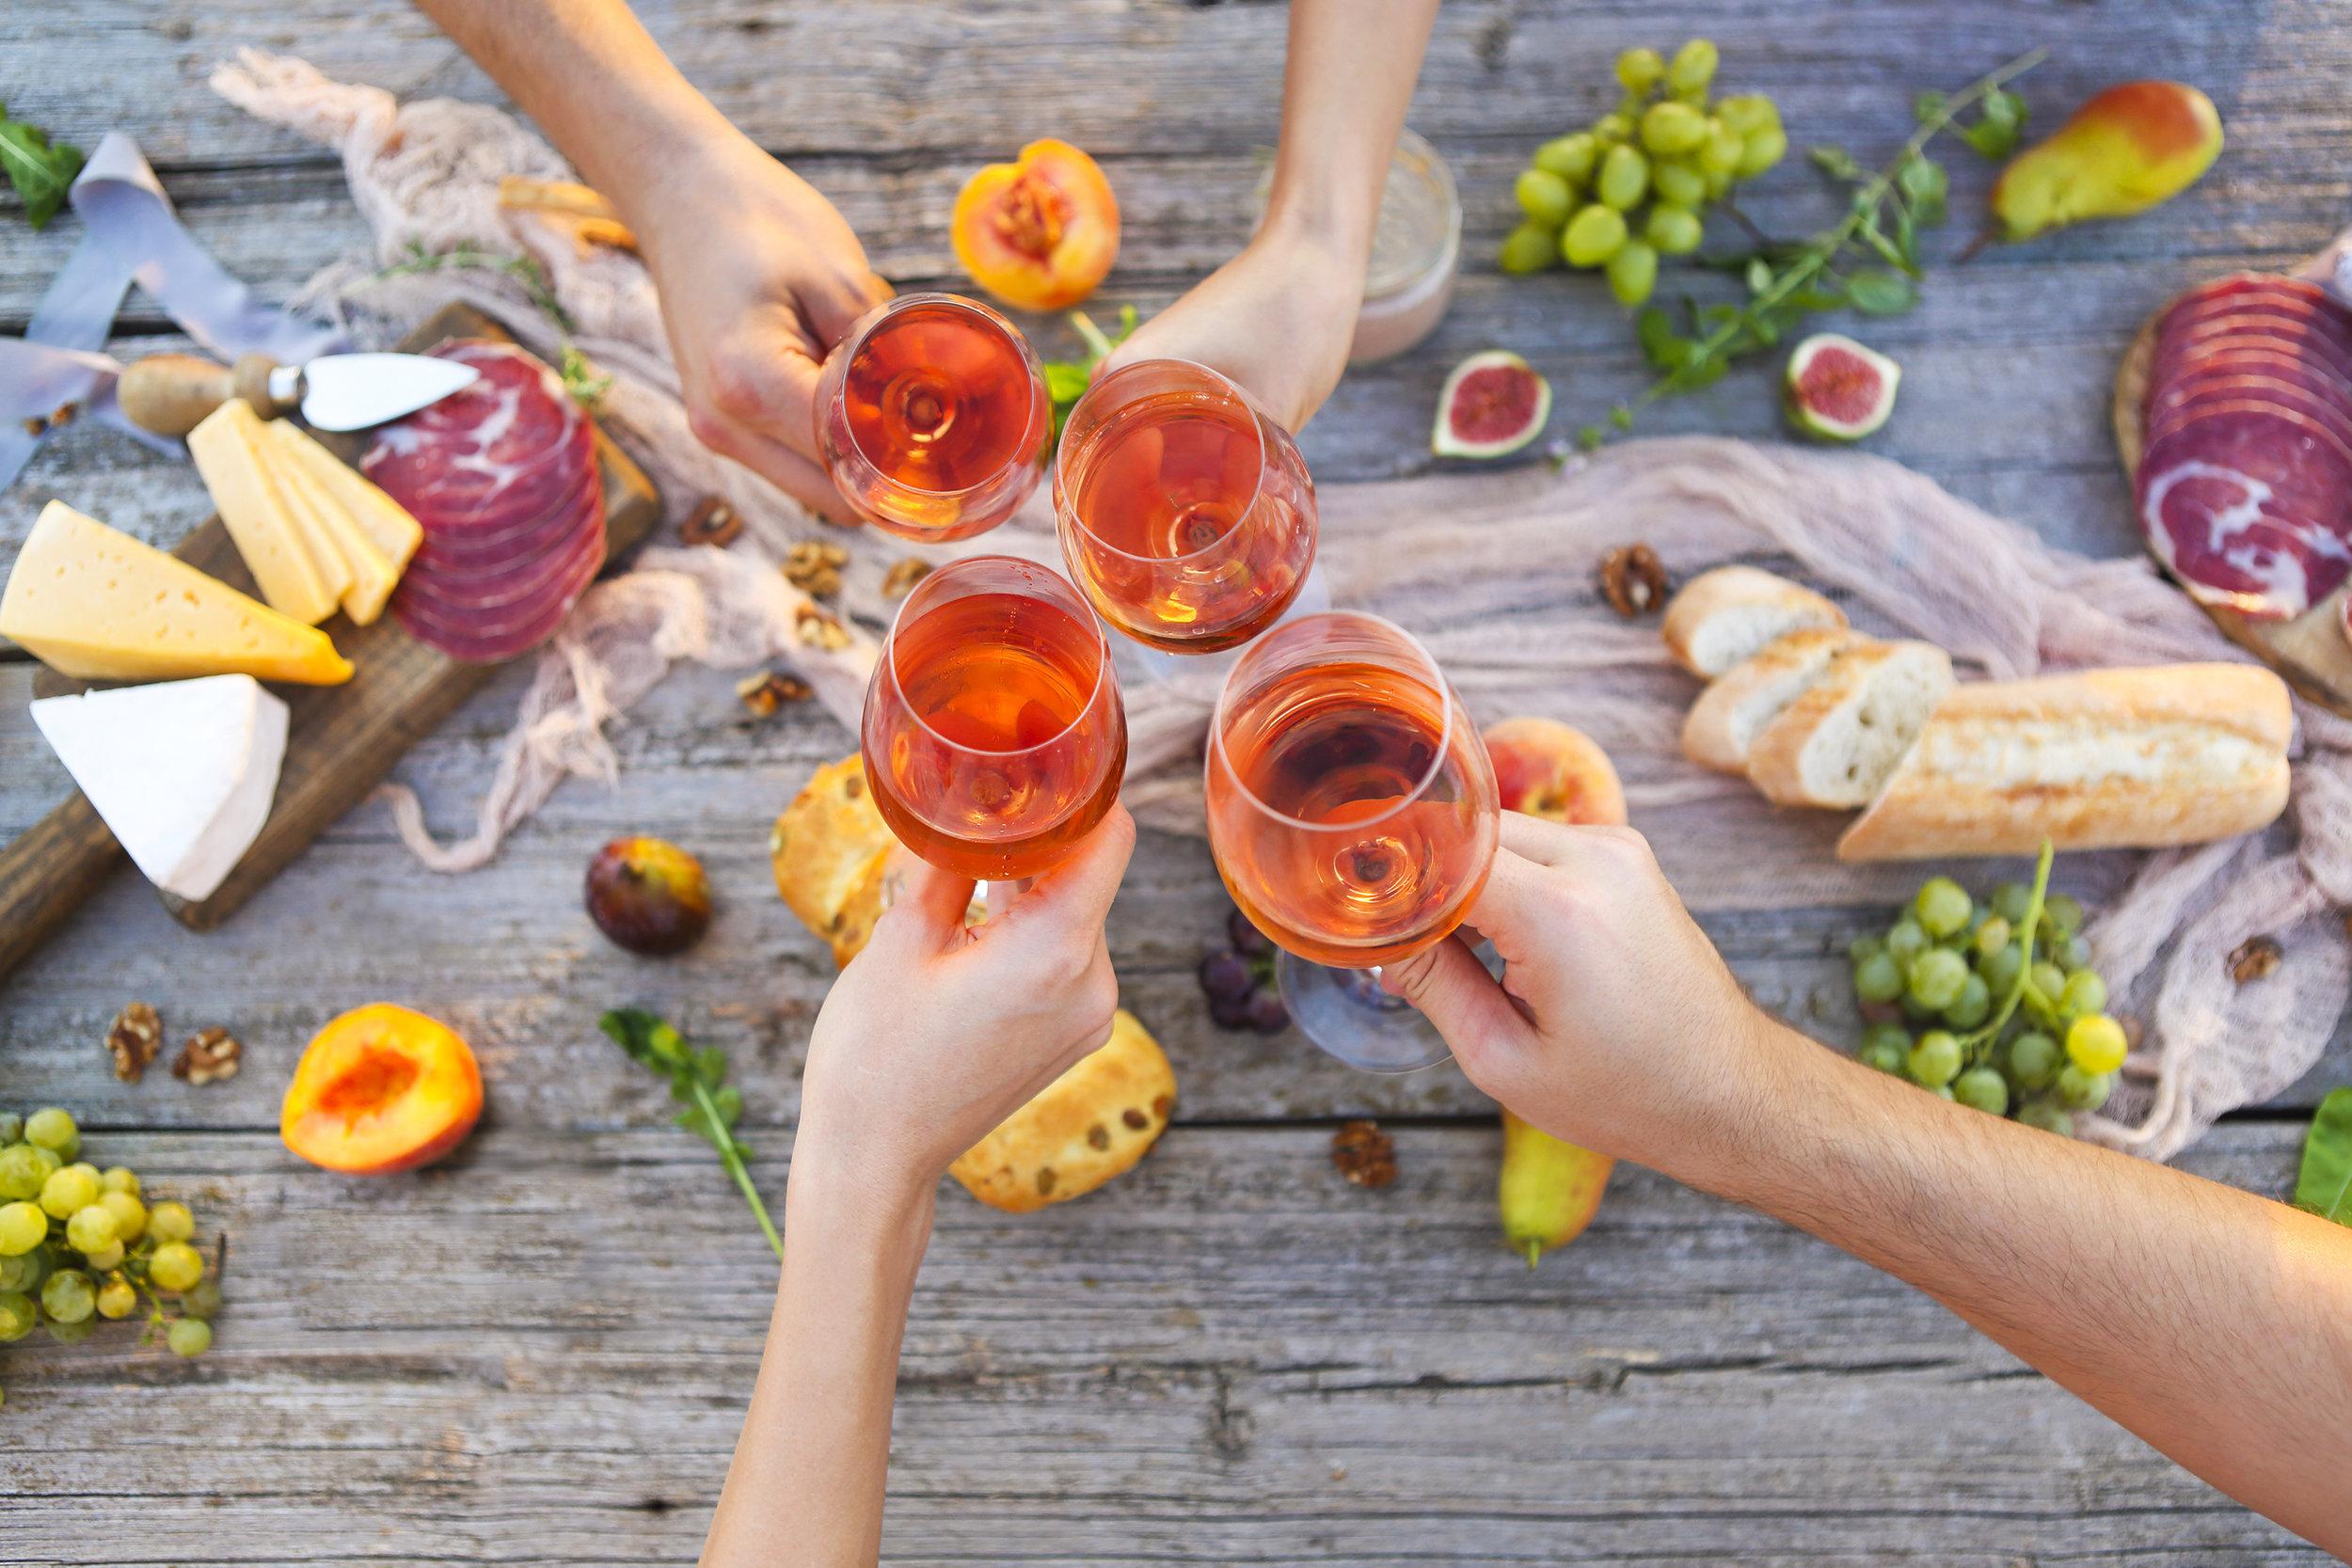 Vin consommation d'alcool nutrition santé